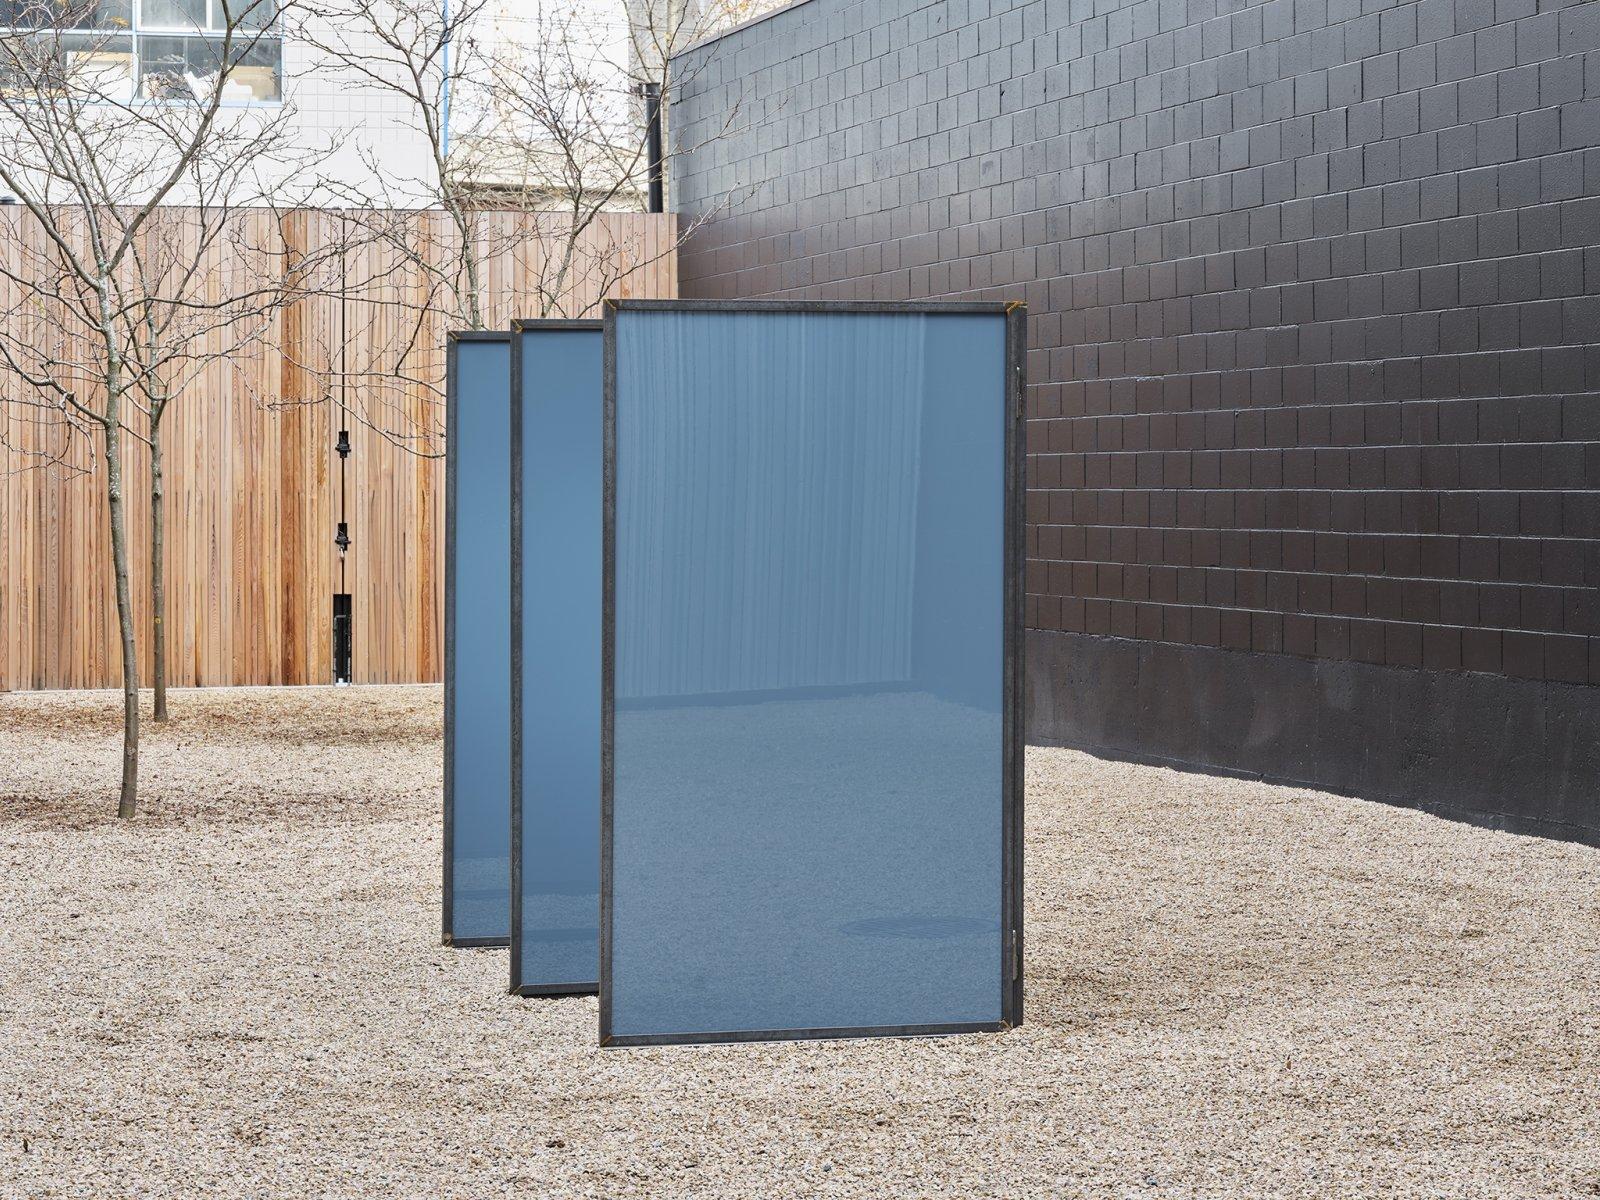 Abbas Akhavan, Trough, 2019, steel, mirrors, 84 x 150 x 48 in. (213 x 380 x 122 cm) by Abbas Akhavan